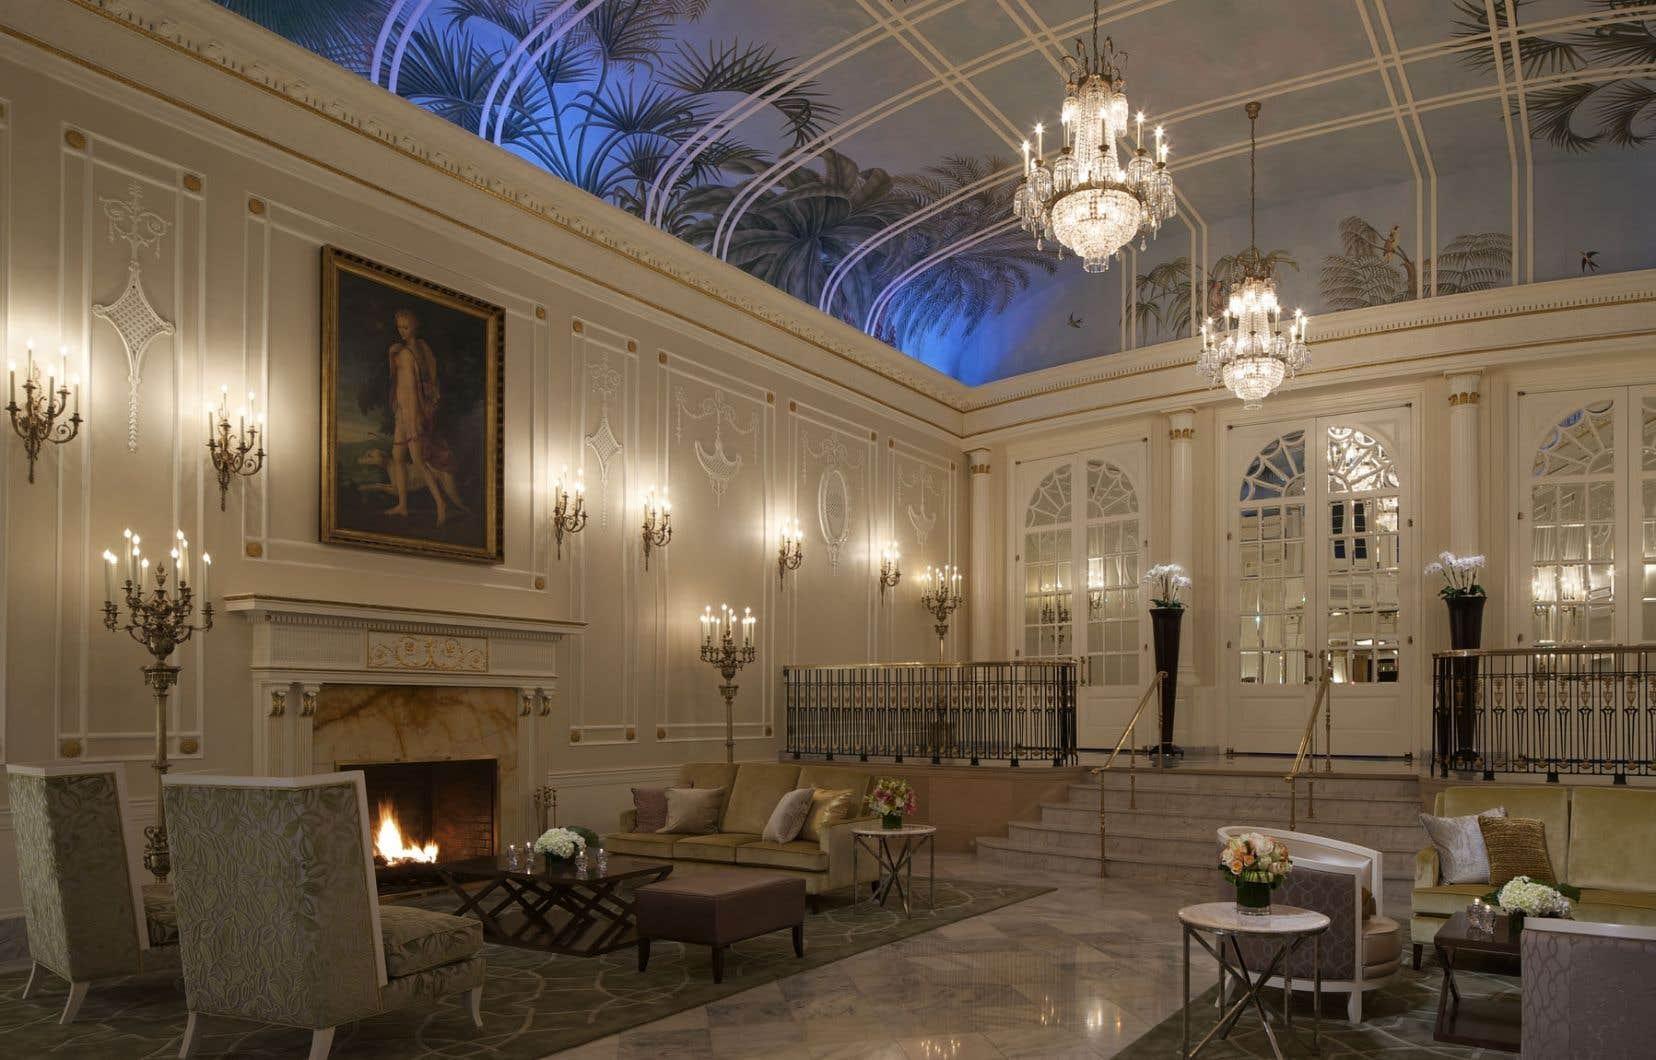 Comme d'autres parties de l'hôtel Ritz-Carlton Montréal, la cour des palmiers a été conservée et restaurée.